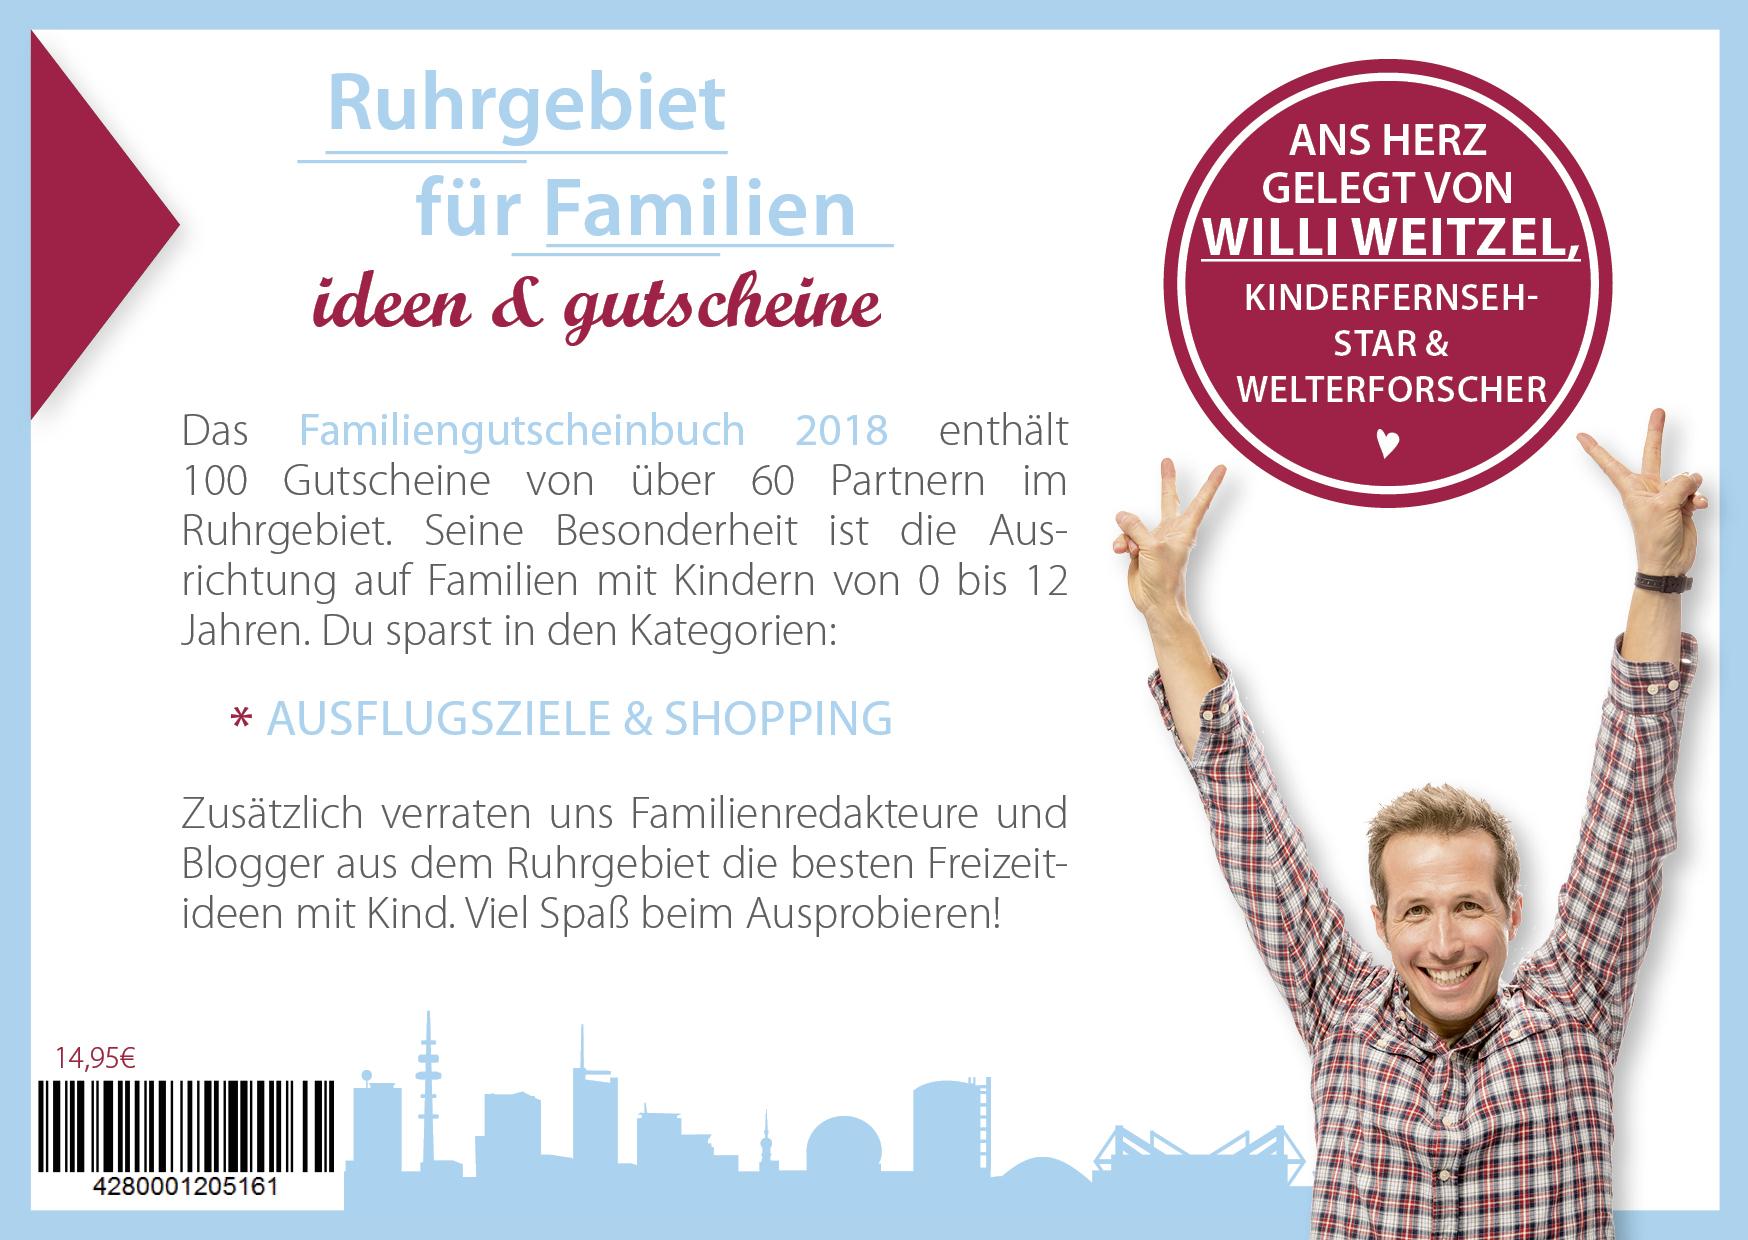 Familien Gutscheinbuch Cover Ruhr Rueckseite - Gutscheinbuch Ruhrgebiet für Familien